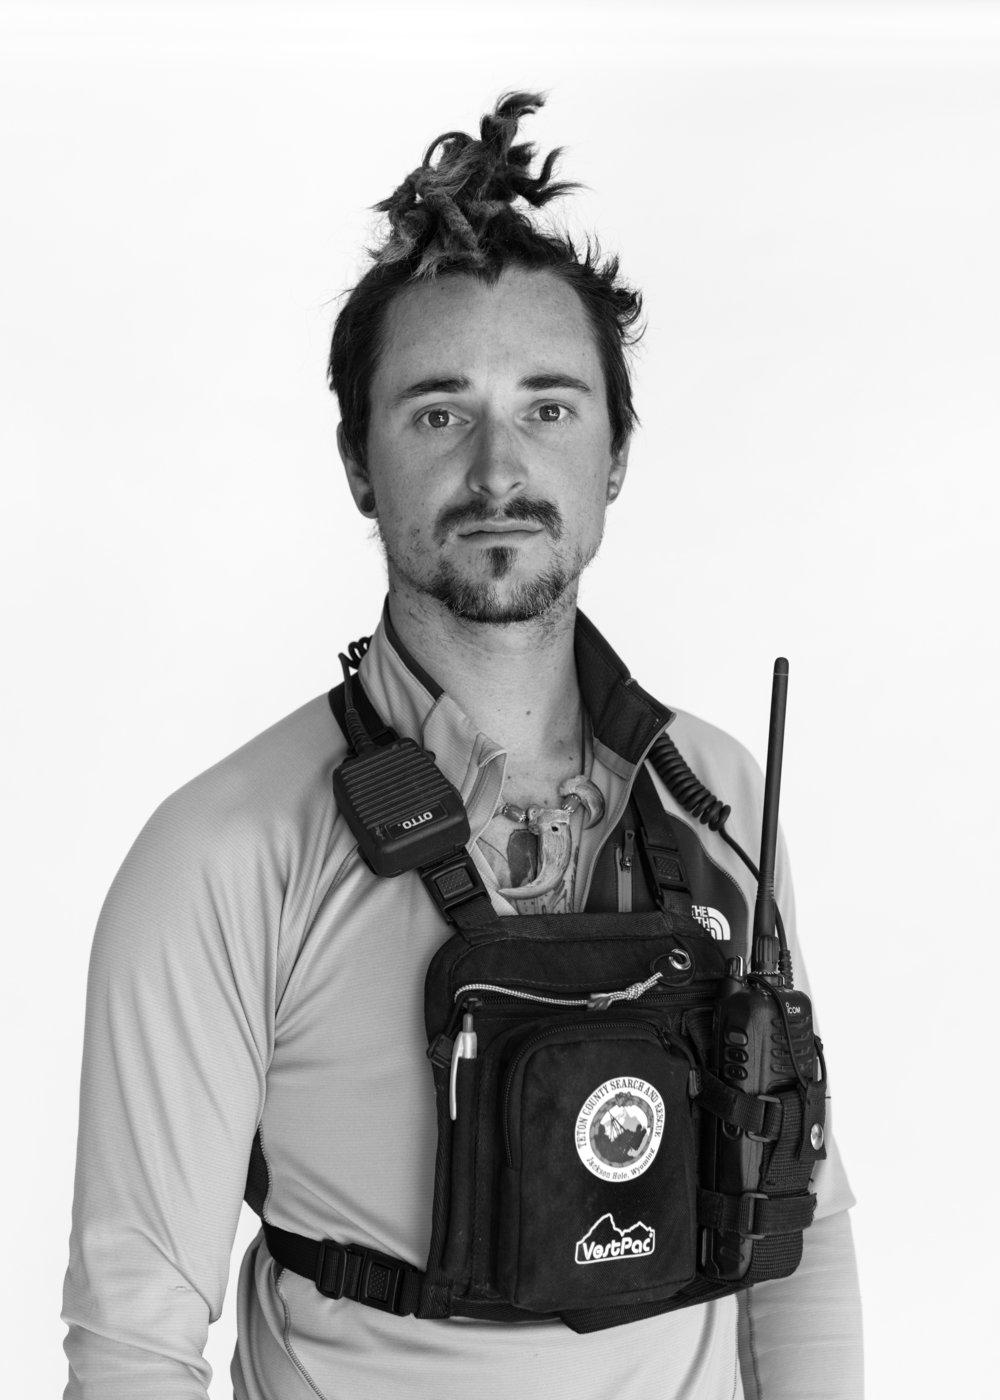 TCSAR Volunteer Ryan Mertaugh